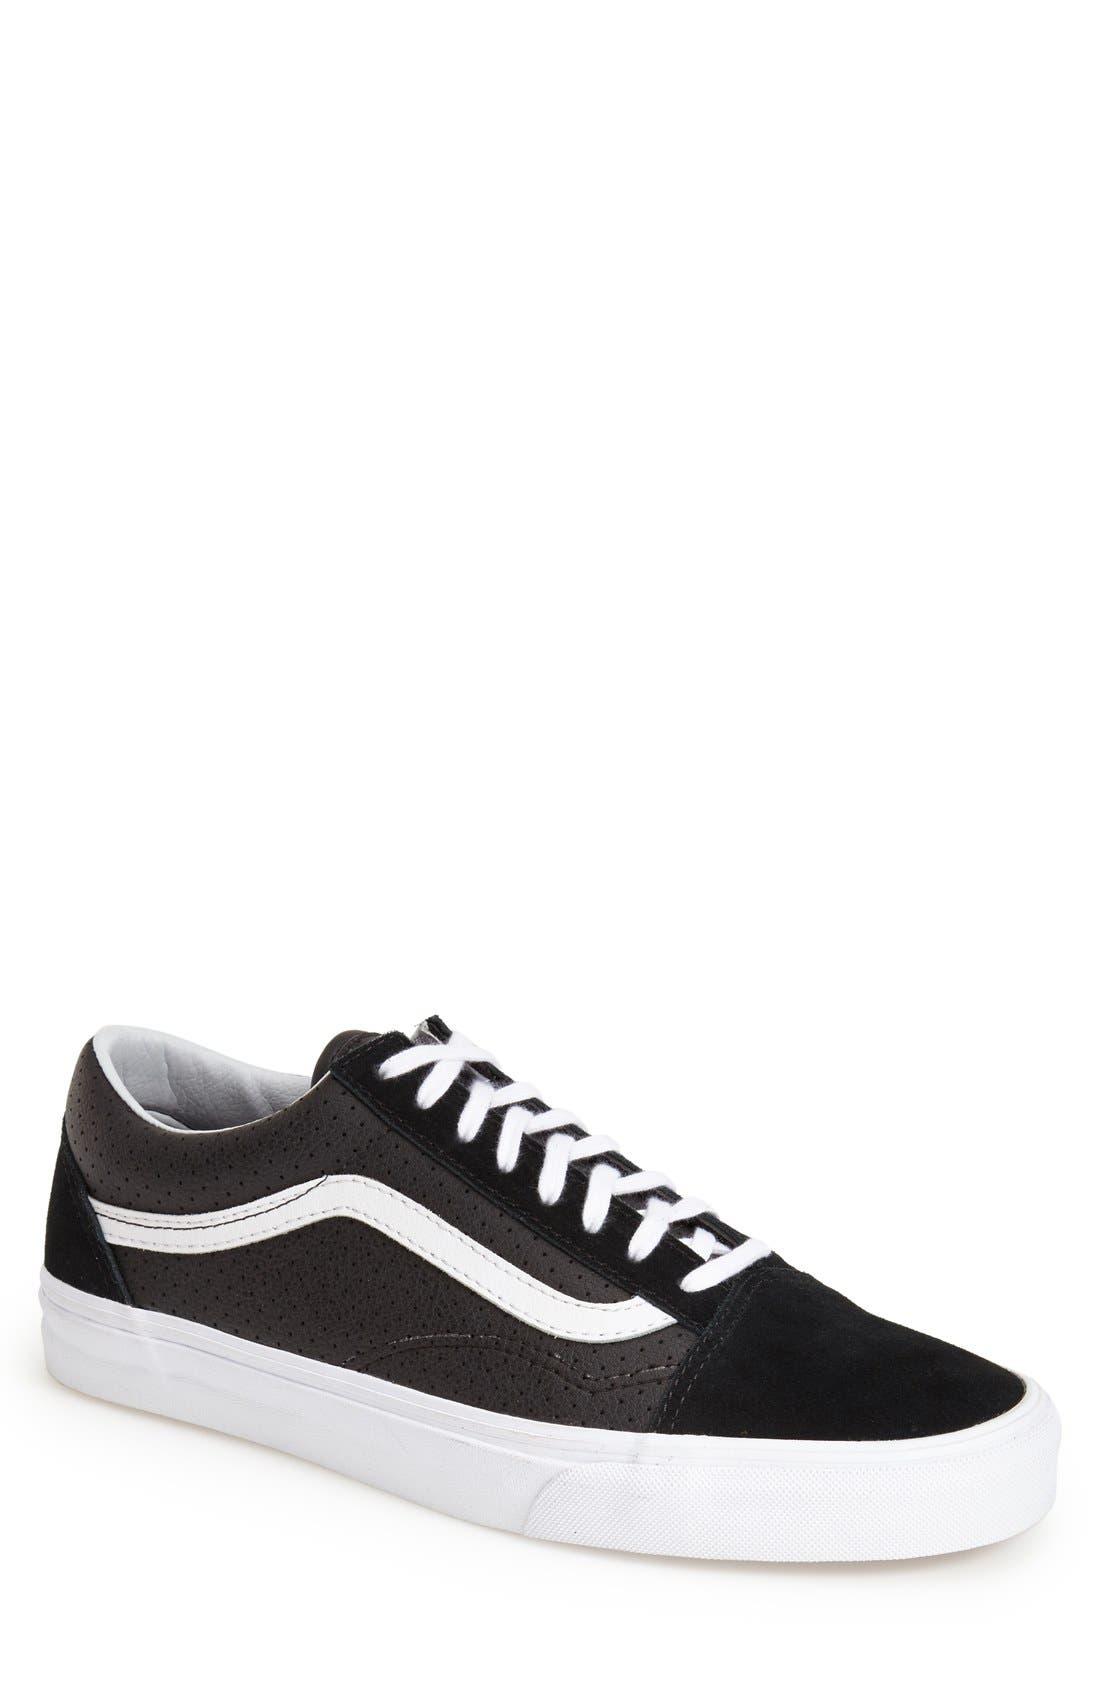 'Old Skool' Sneaker,                             Main thumbnail 1, color,